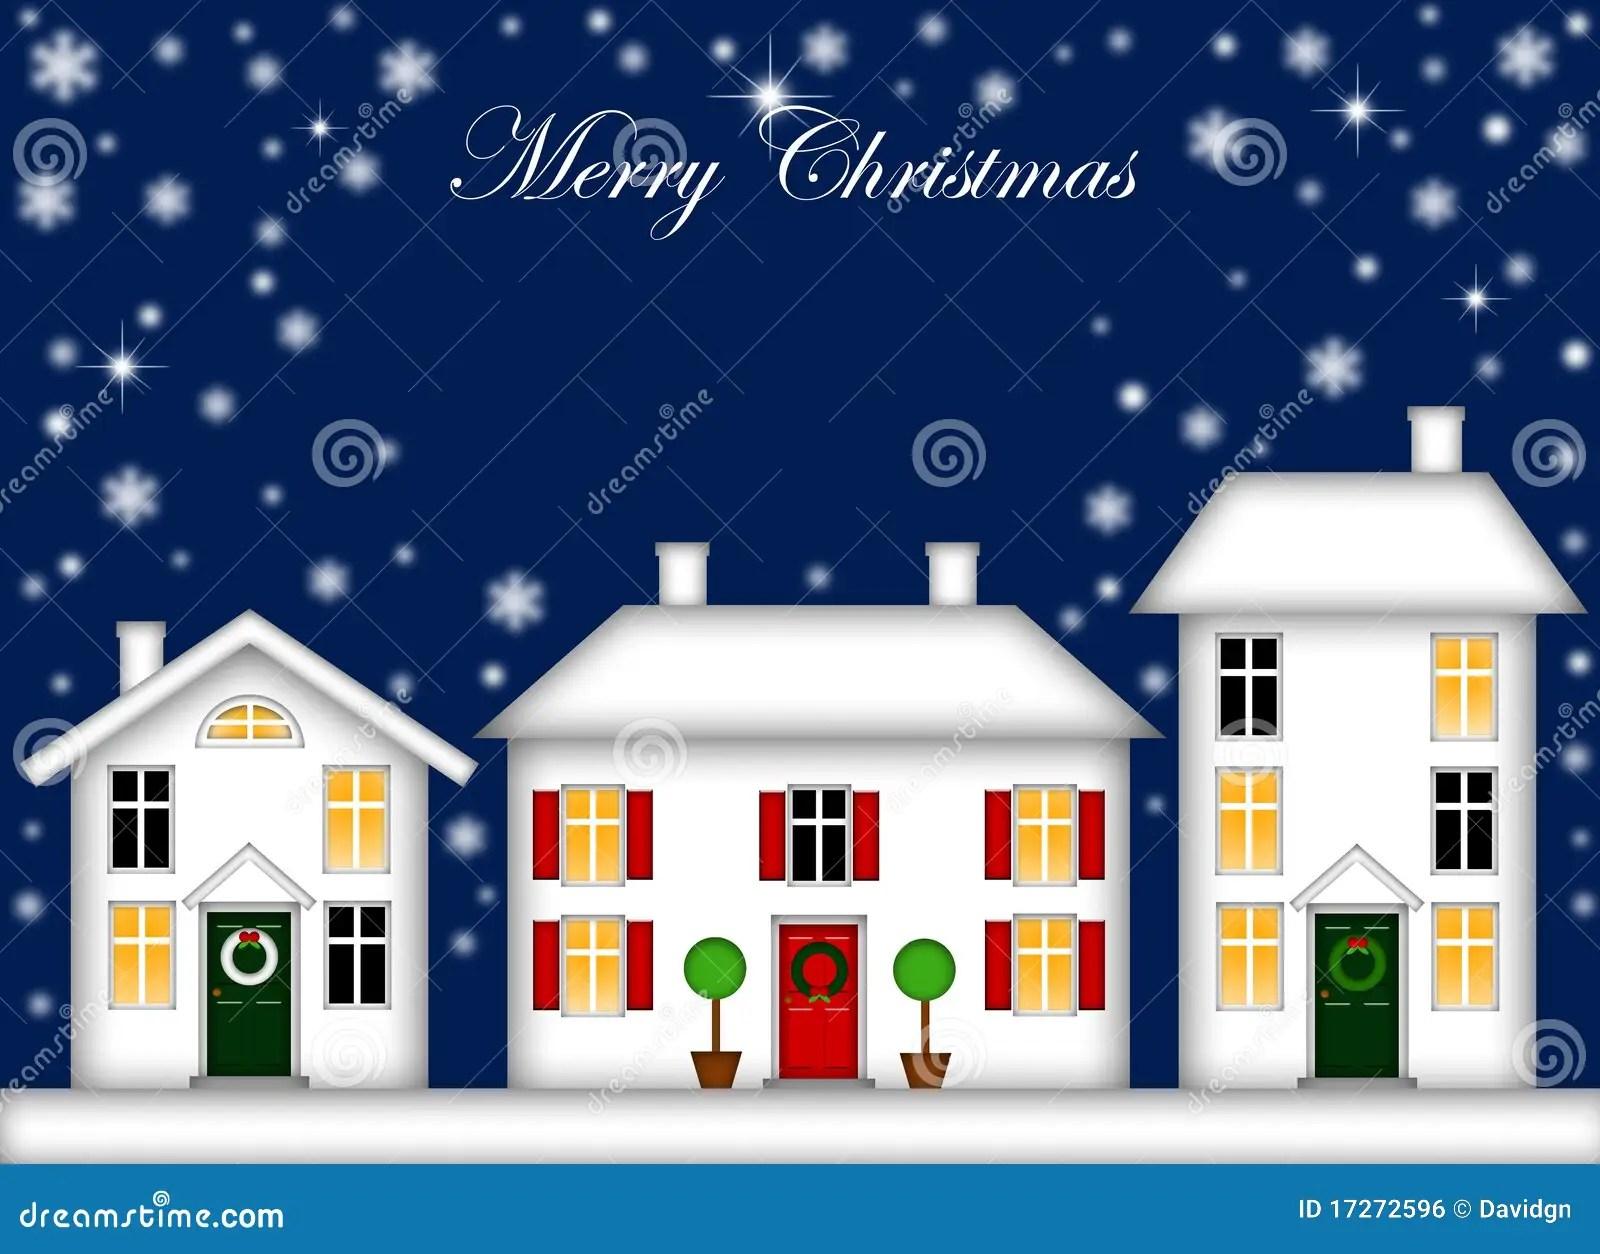 Mr Christmas Lights And Sounds Christmas